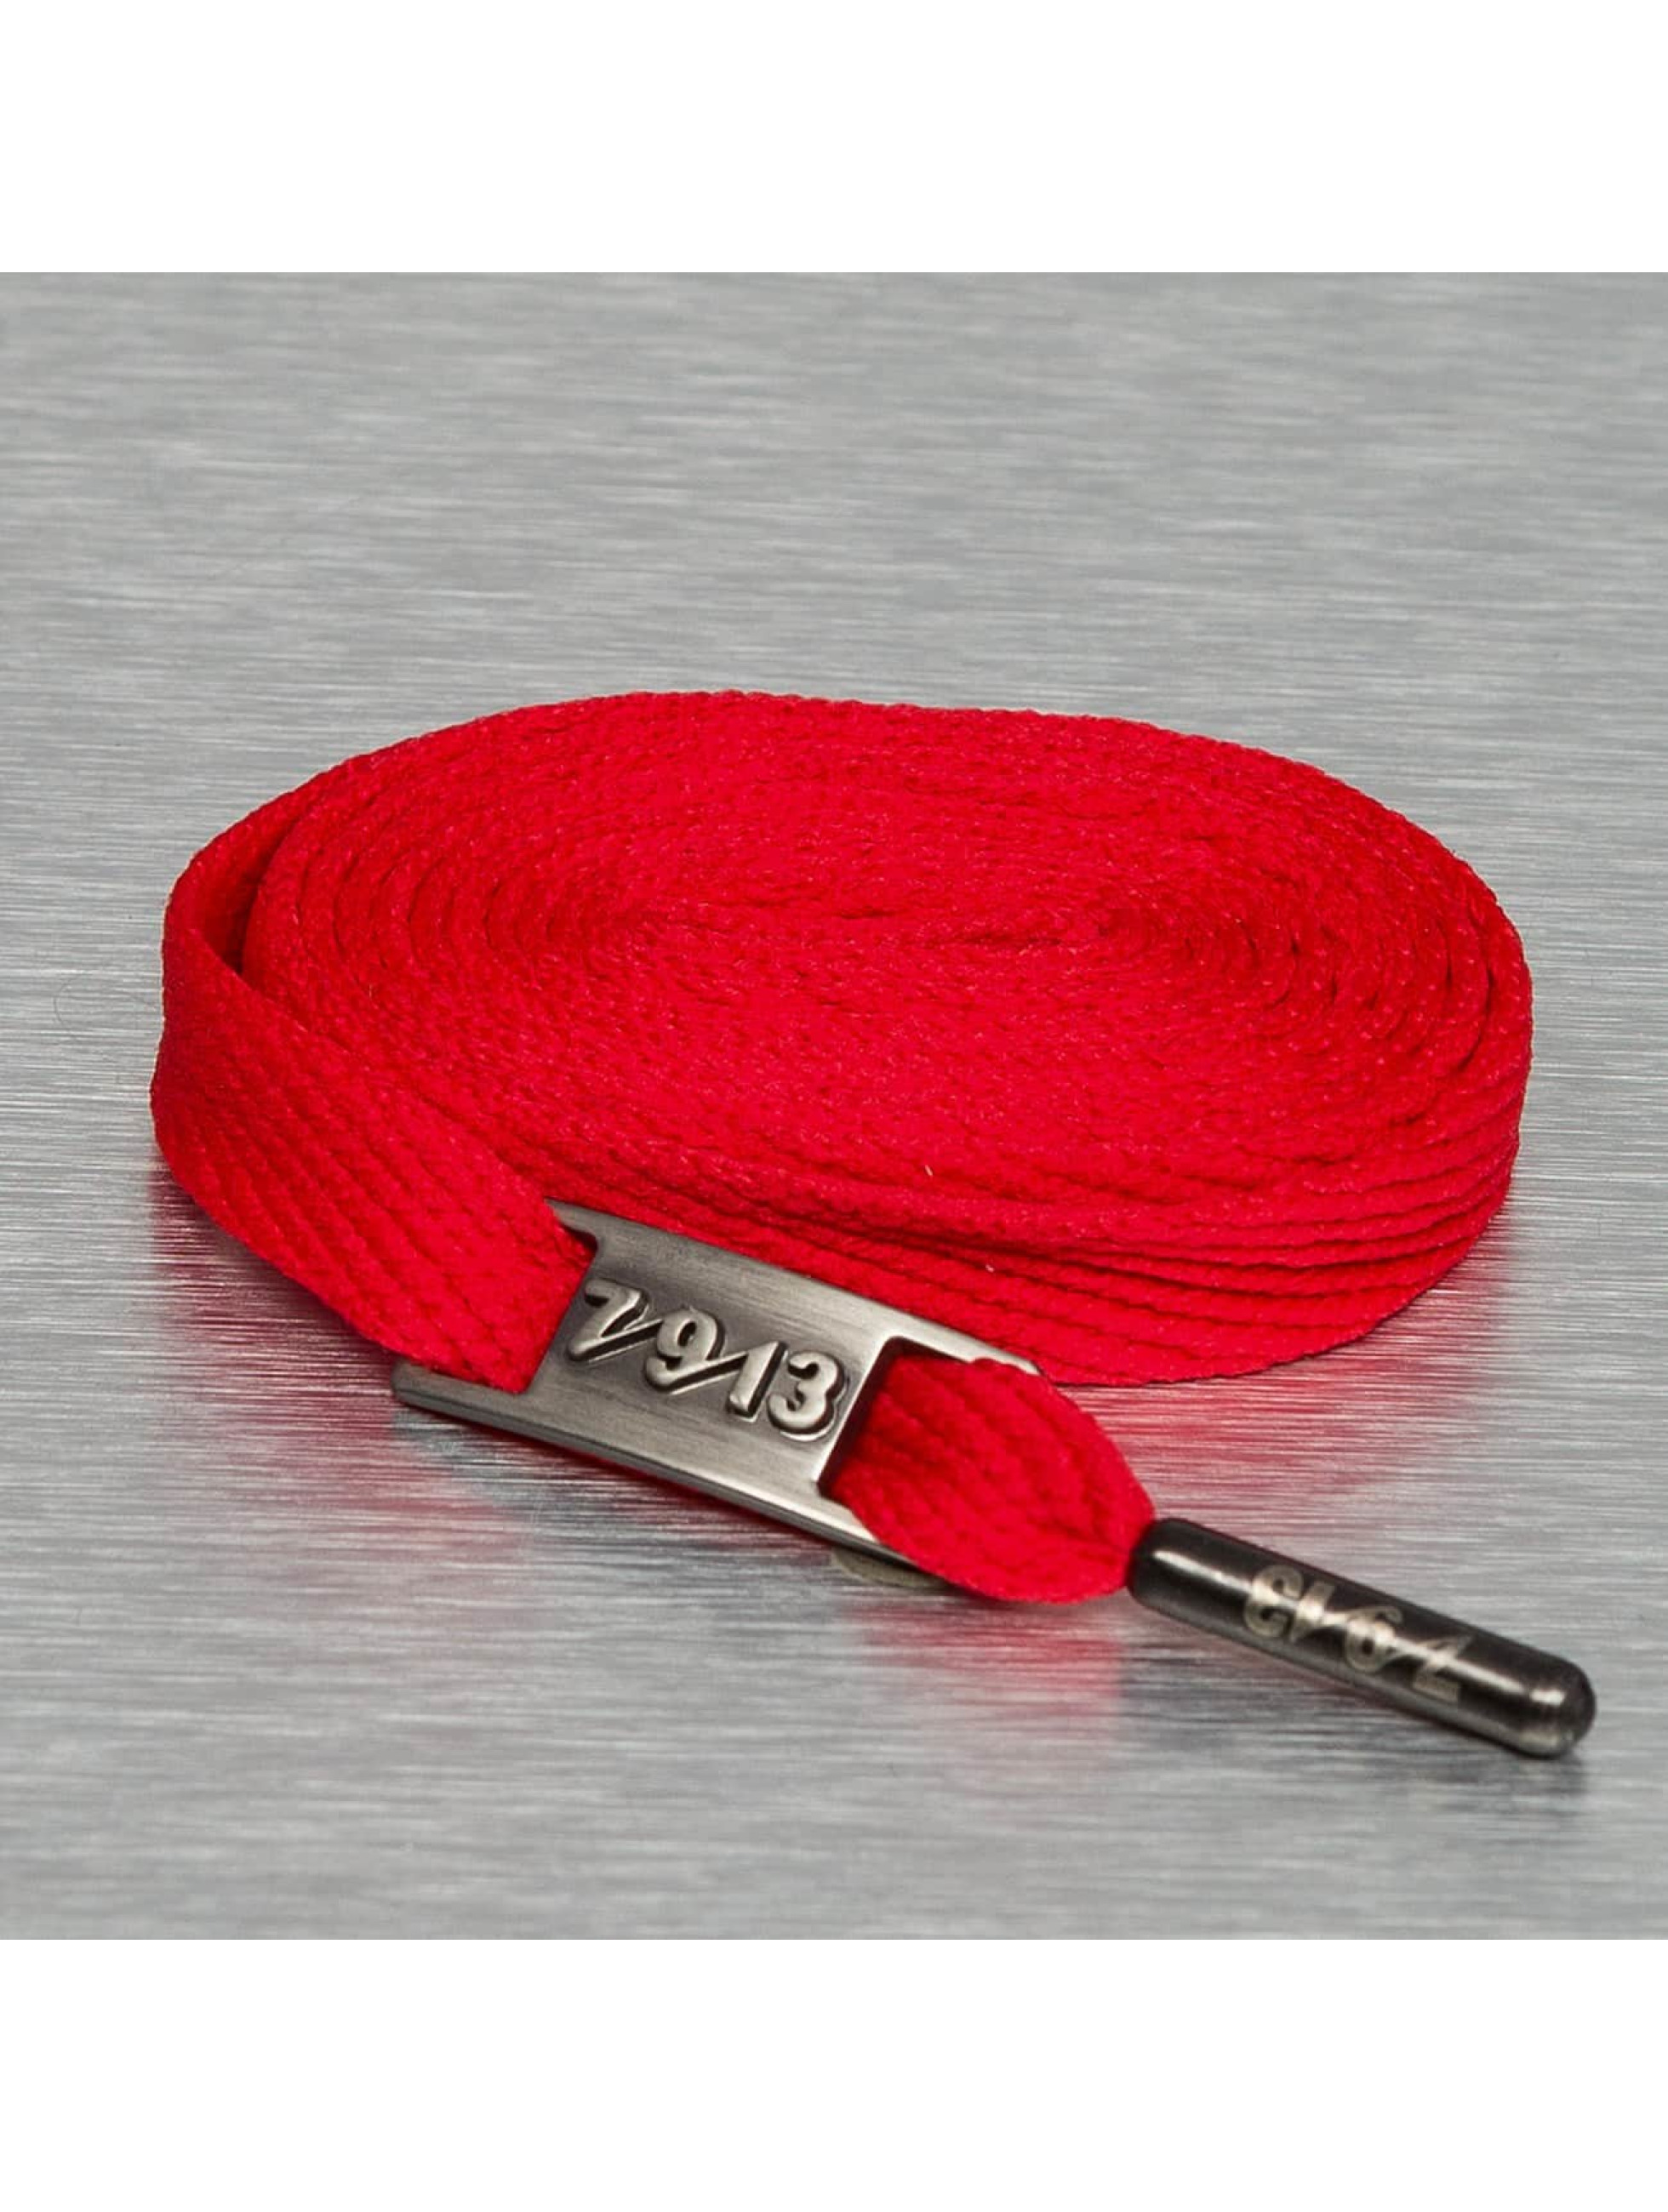 Seven Nine 13 Veter Full Metal rood